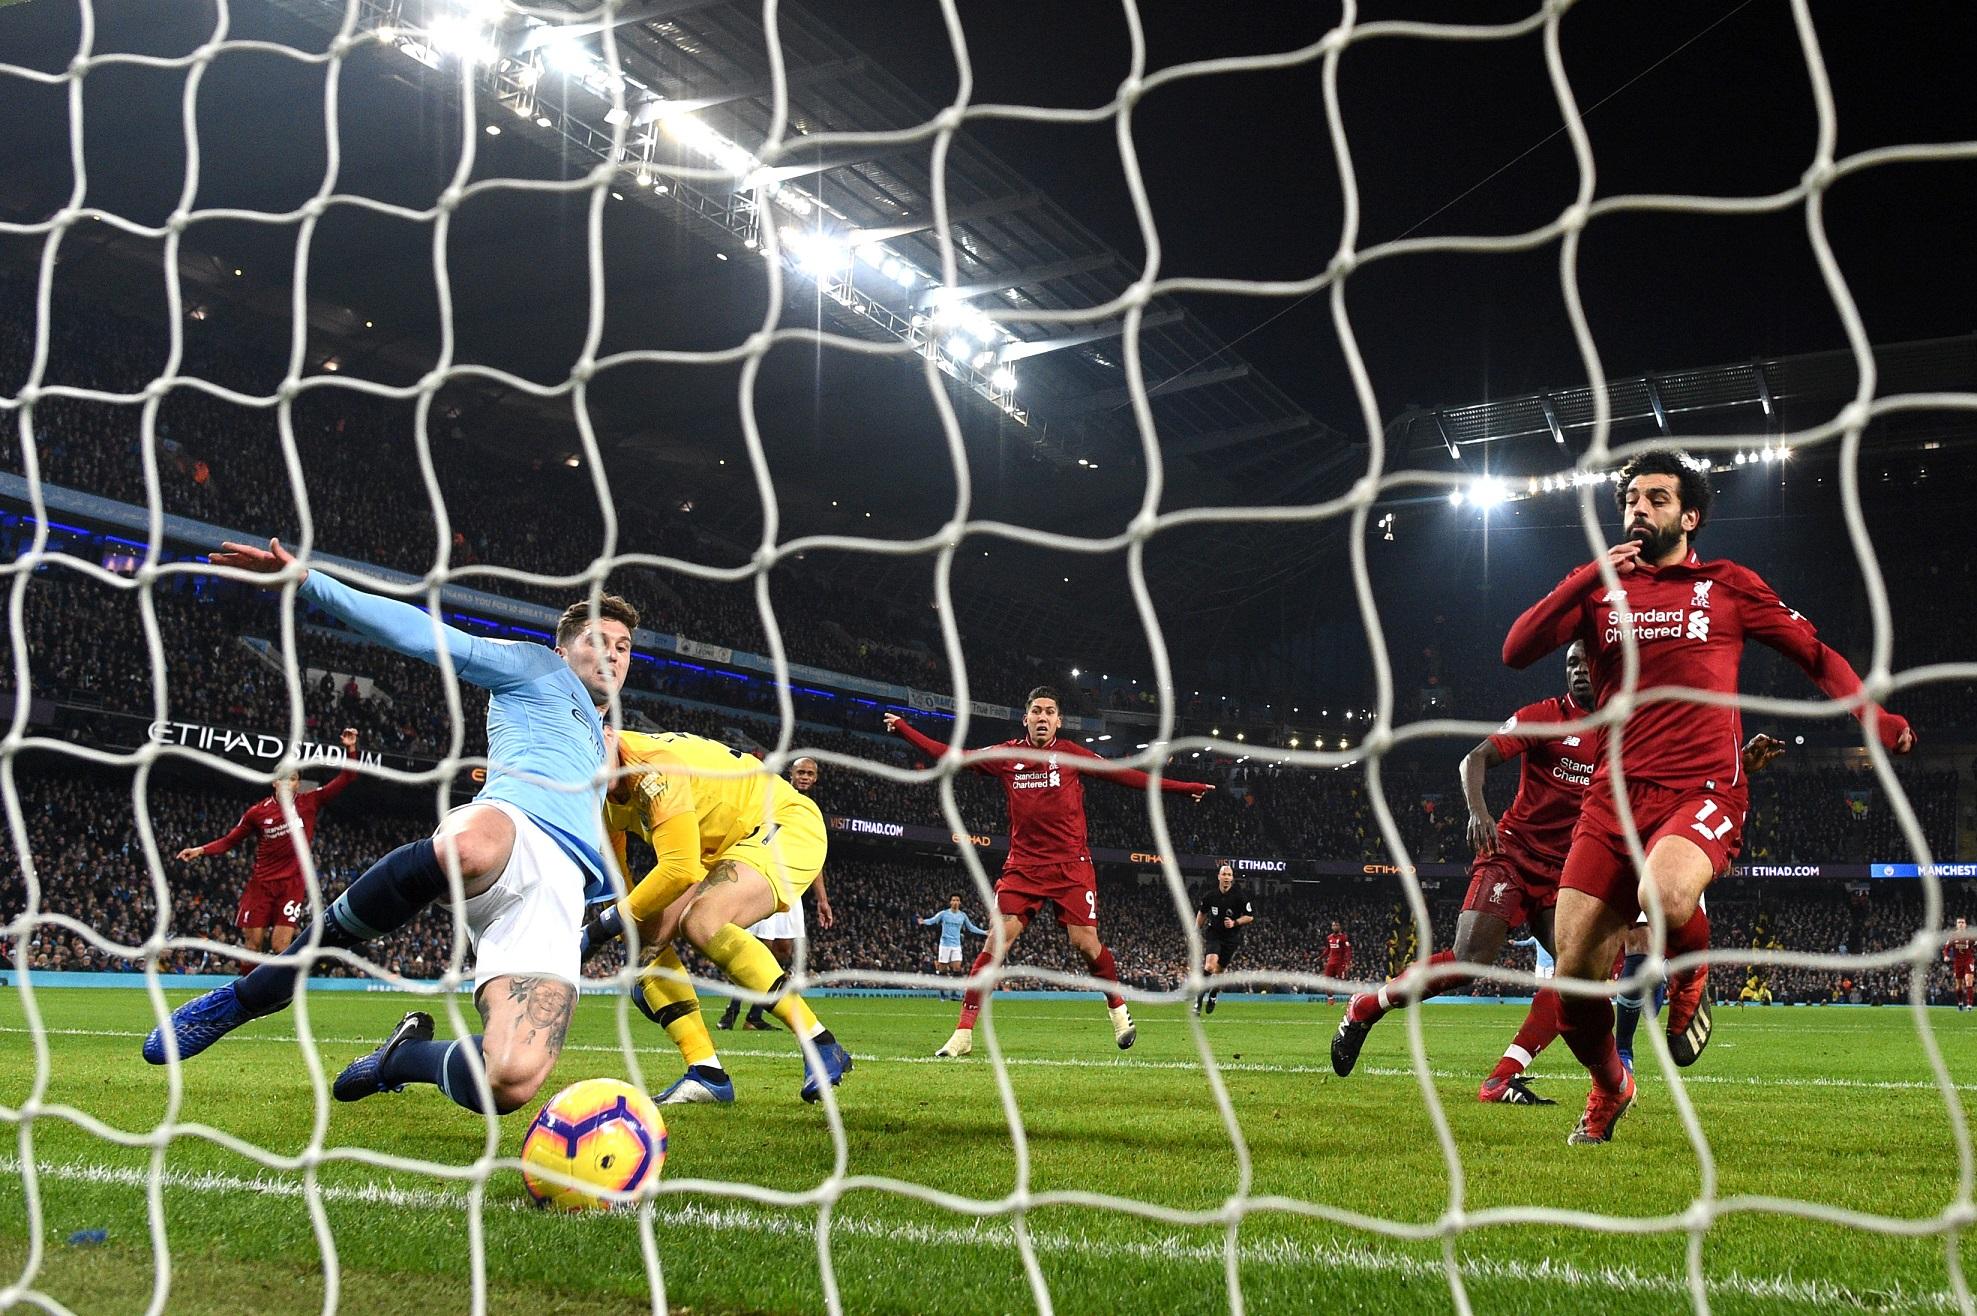 John Stones despeja el balón sobre la línea de gol